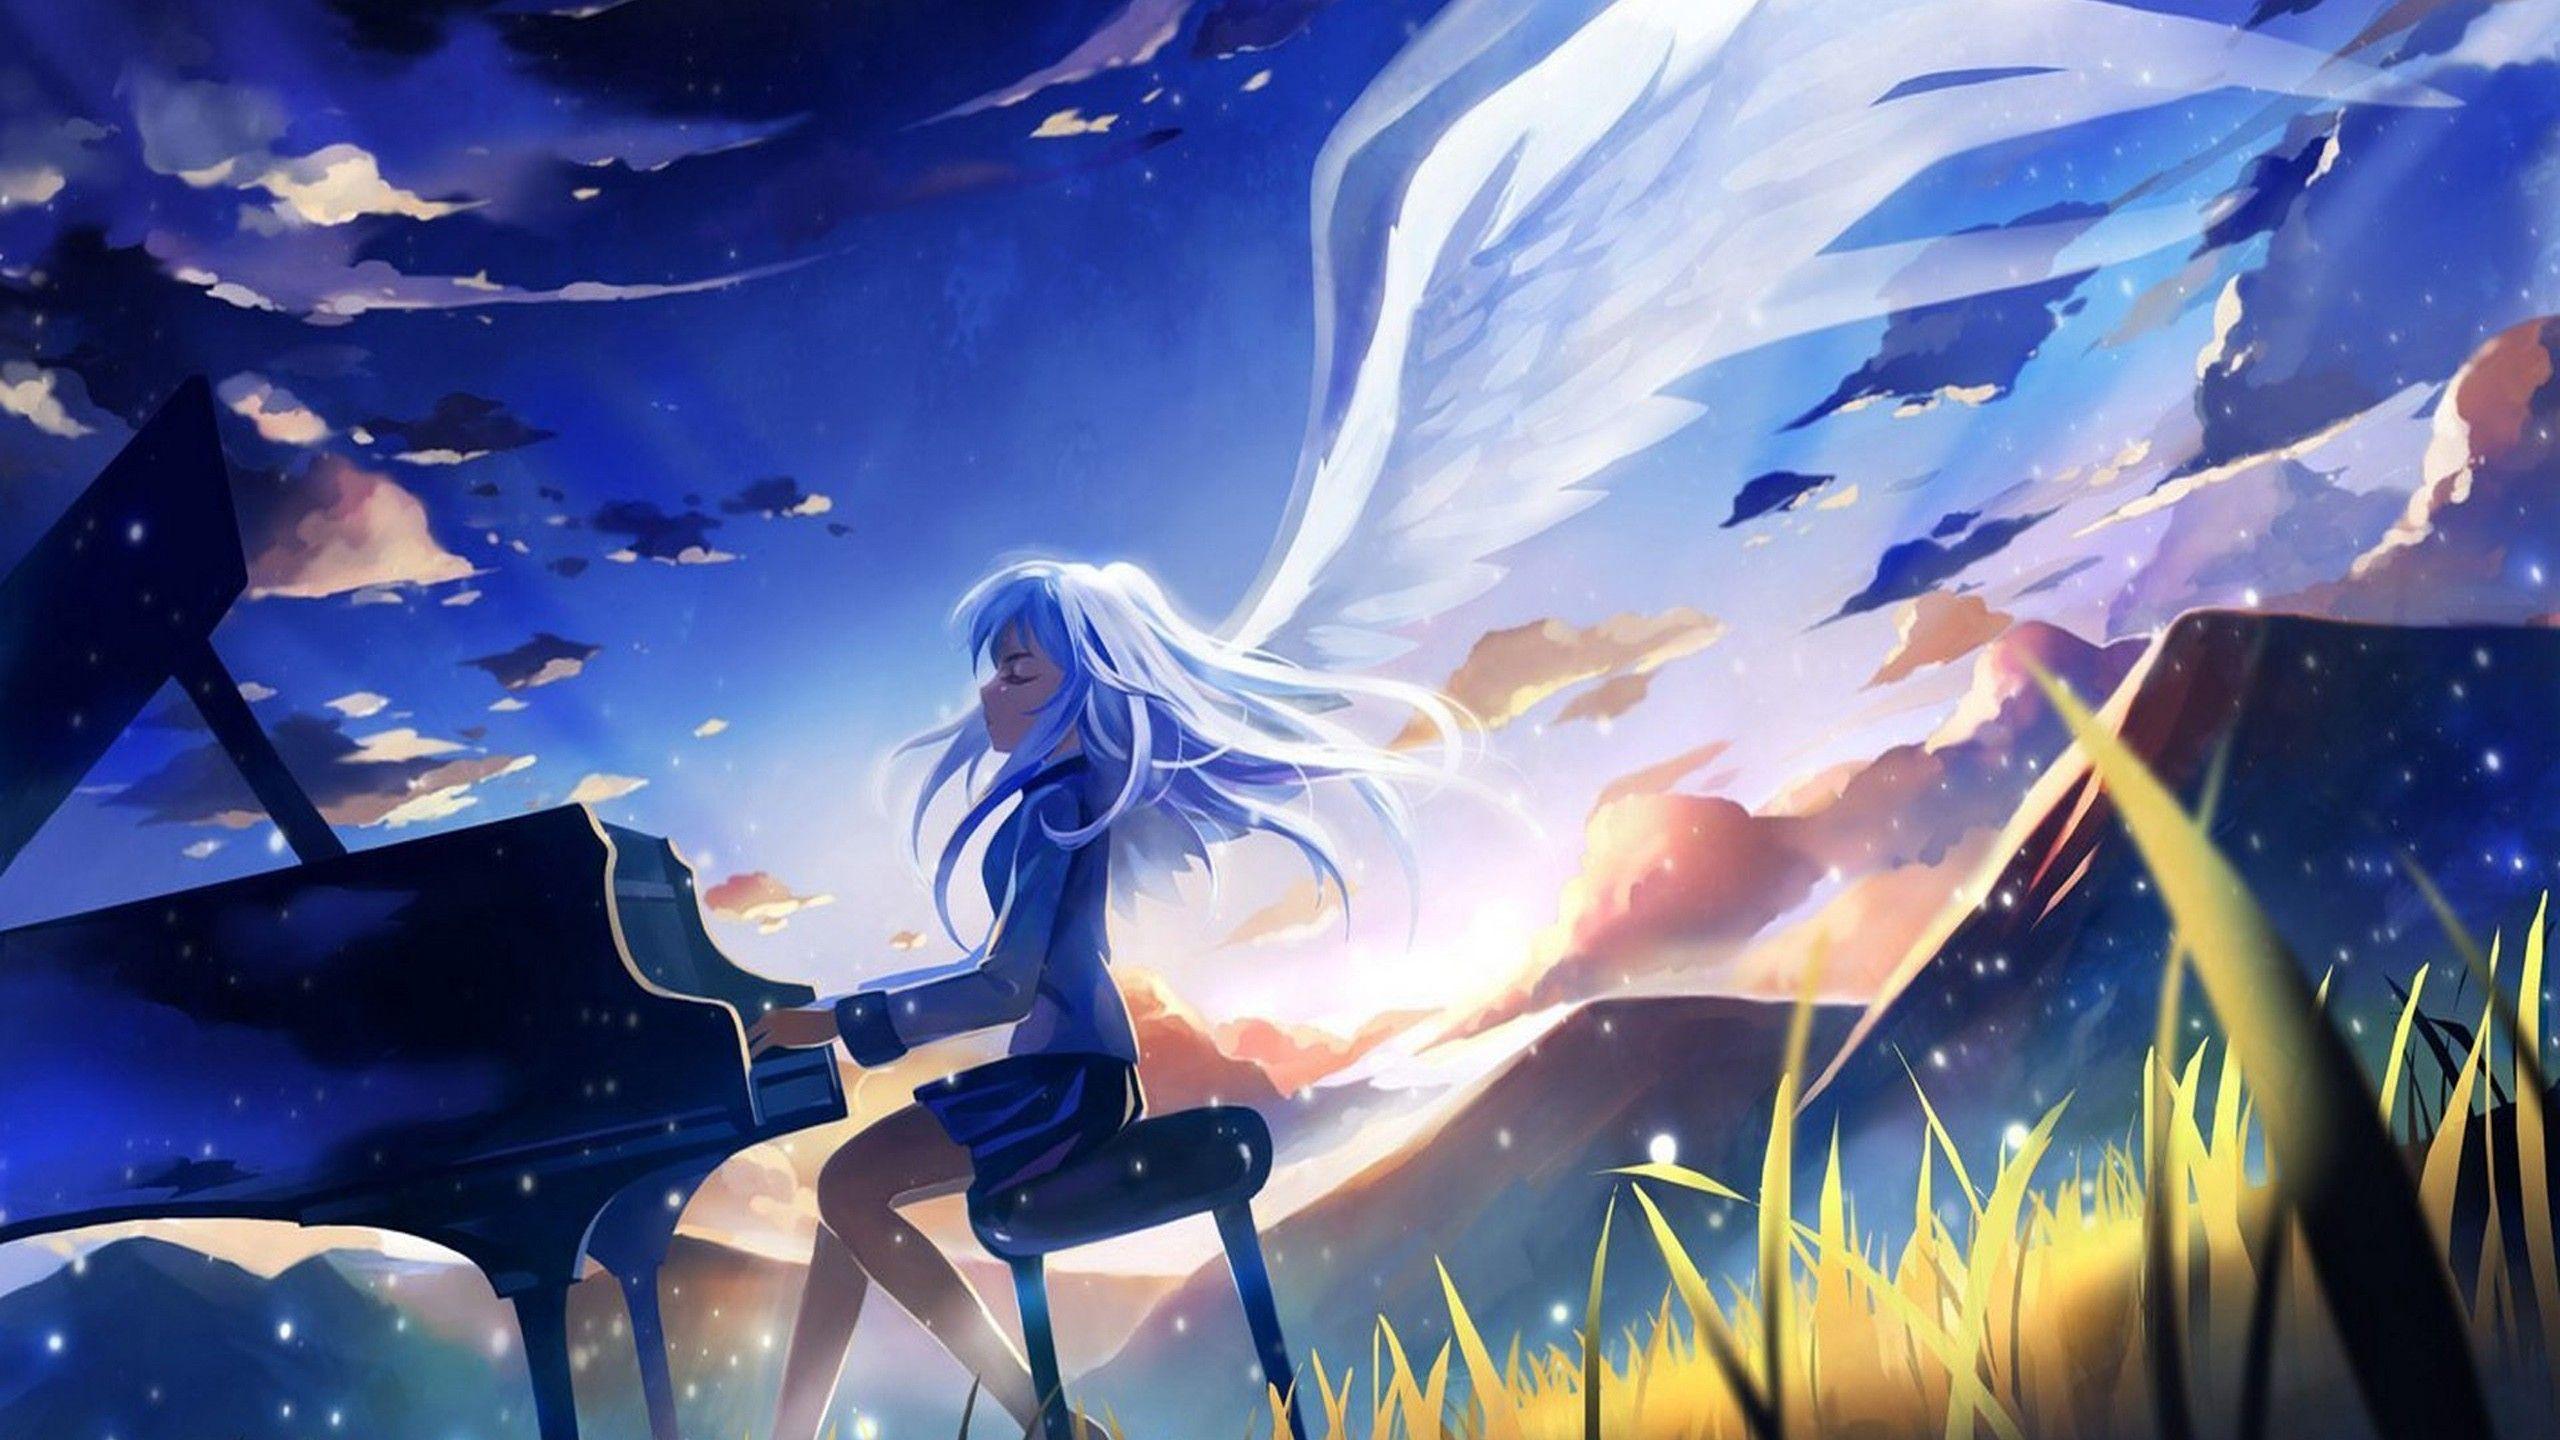 Photo of anime Kanade Tachibana Angel Beats # 21322